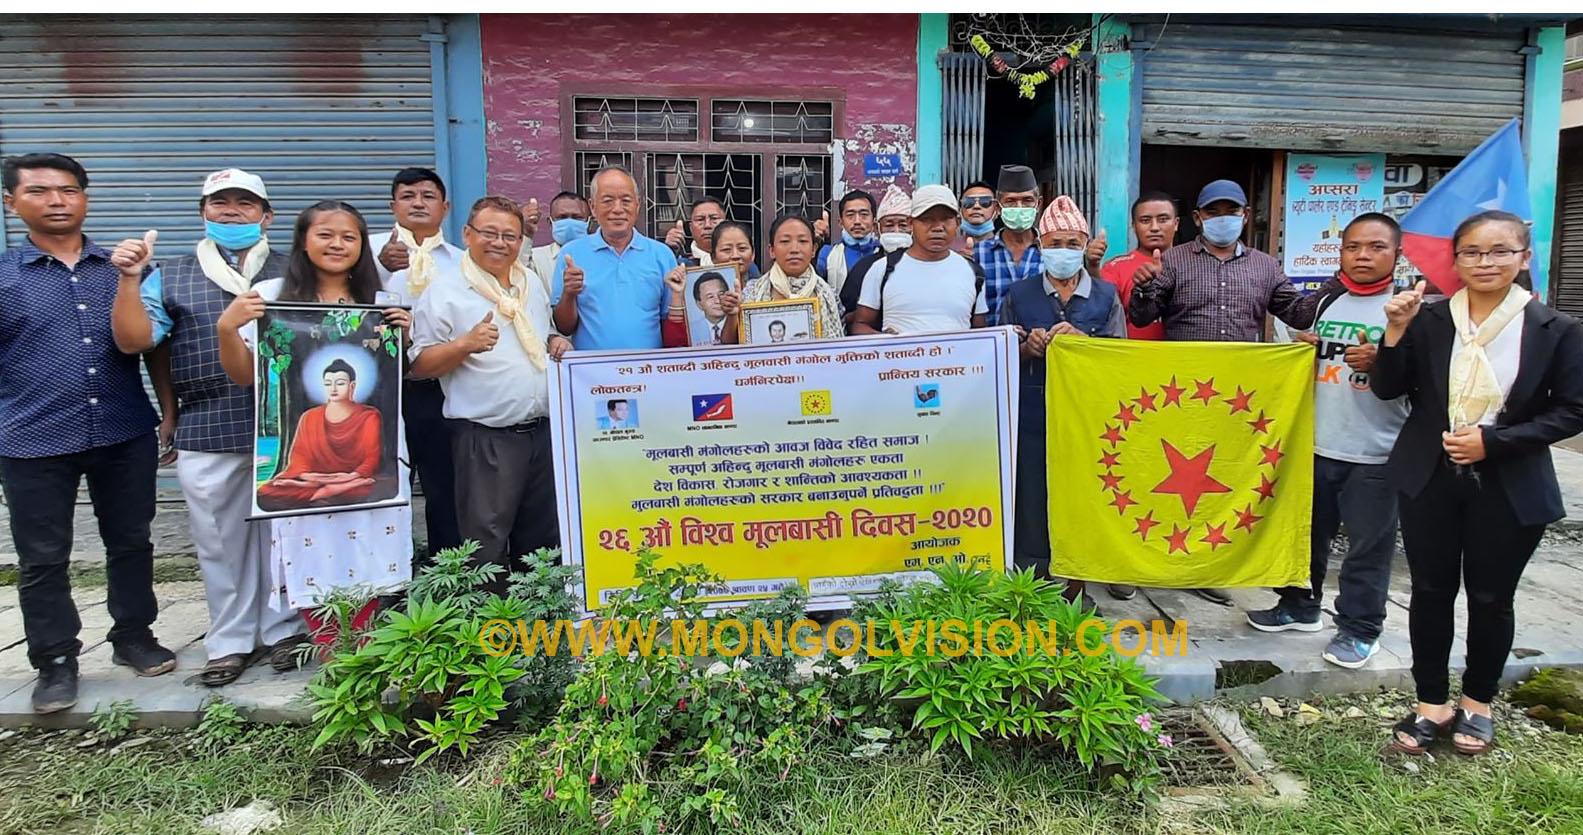 तनहुँमा २६ औं विश्व मुलवासी दिवसको अवसरमा सभ्य र भव्यरुपमा कार्यक्रम सम्पन्न भएको छ